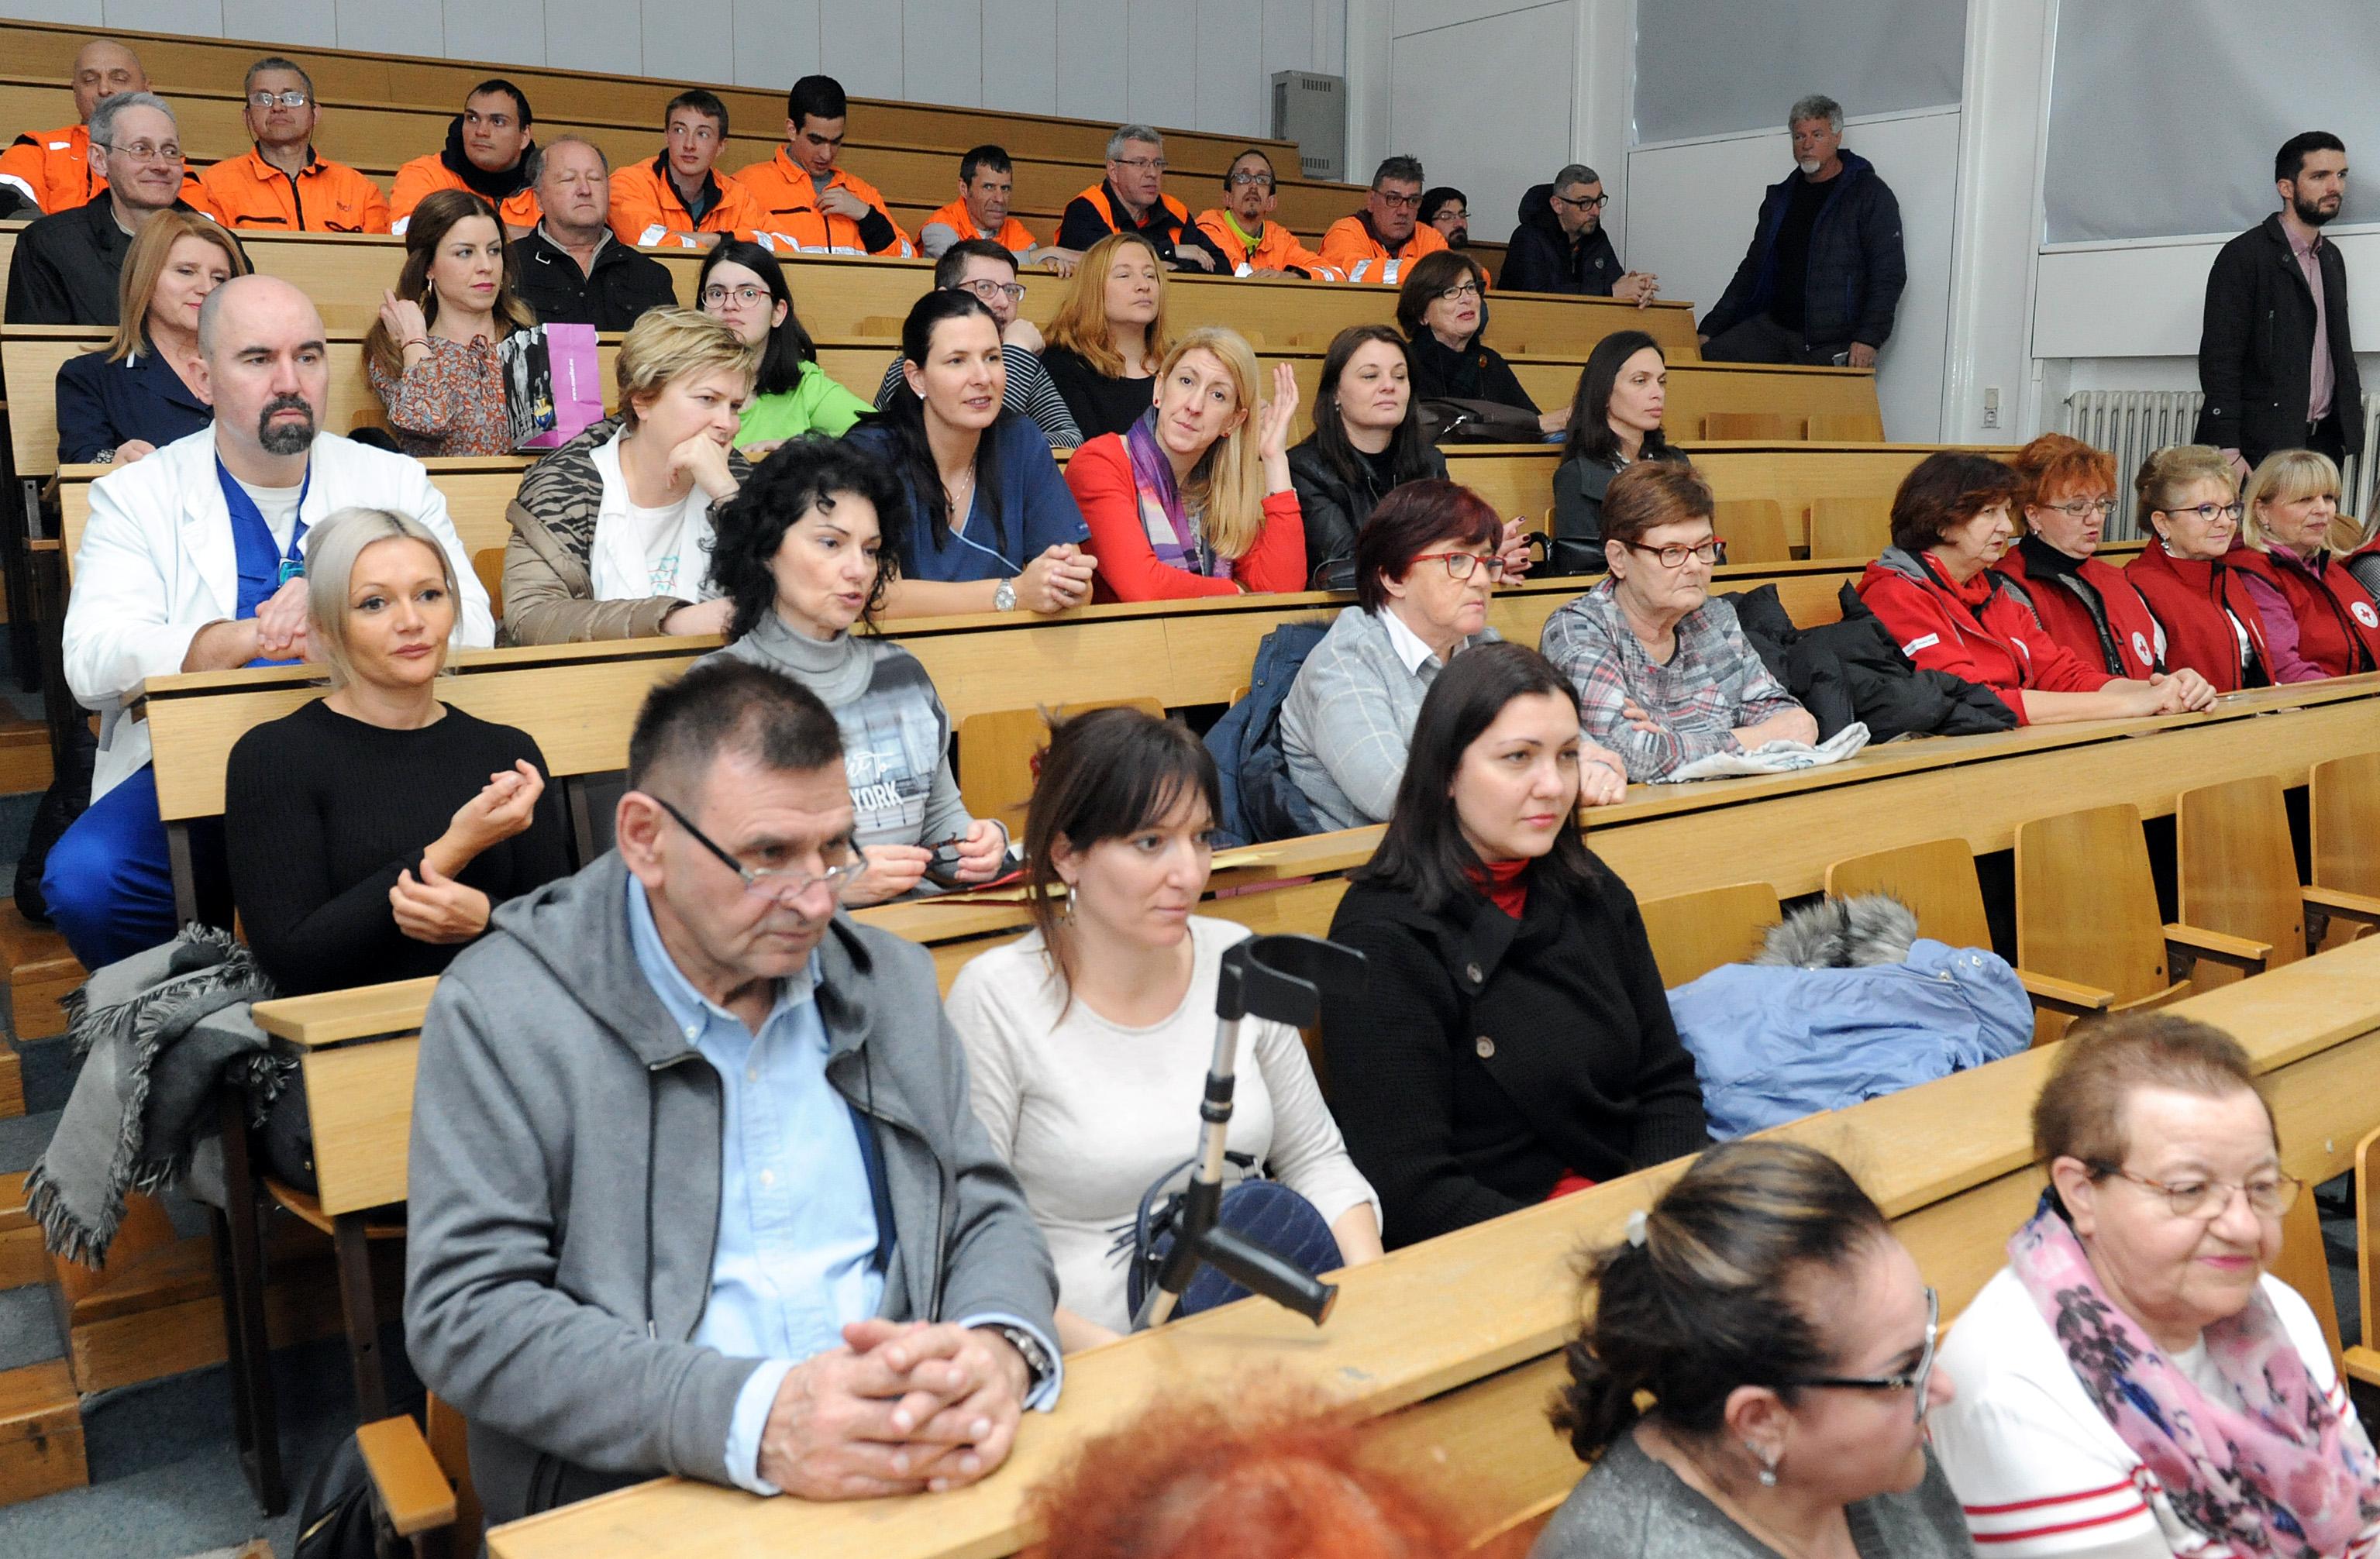 Tradicionalni godišnji susret županijskih udruga i Uprave KBC-a  / Foto M. GRACIN